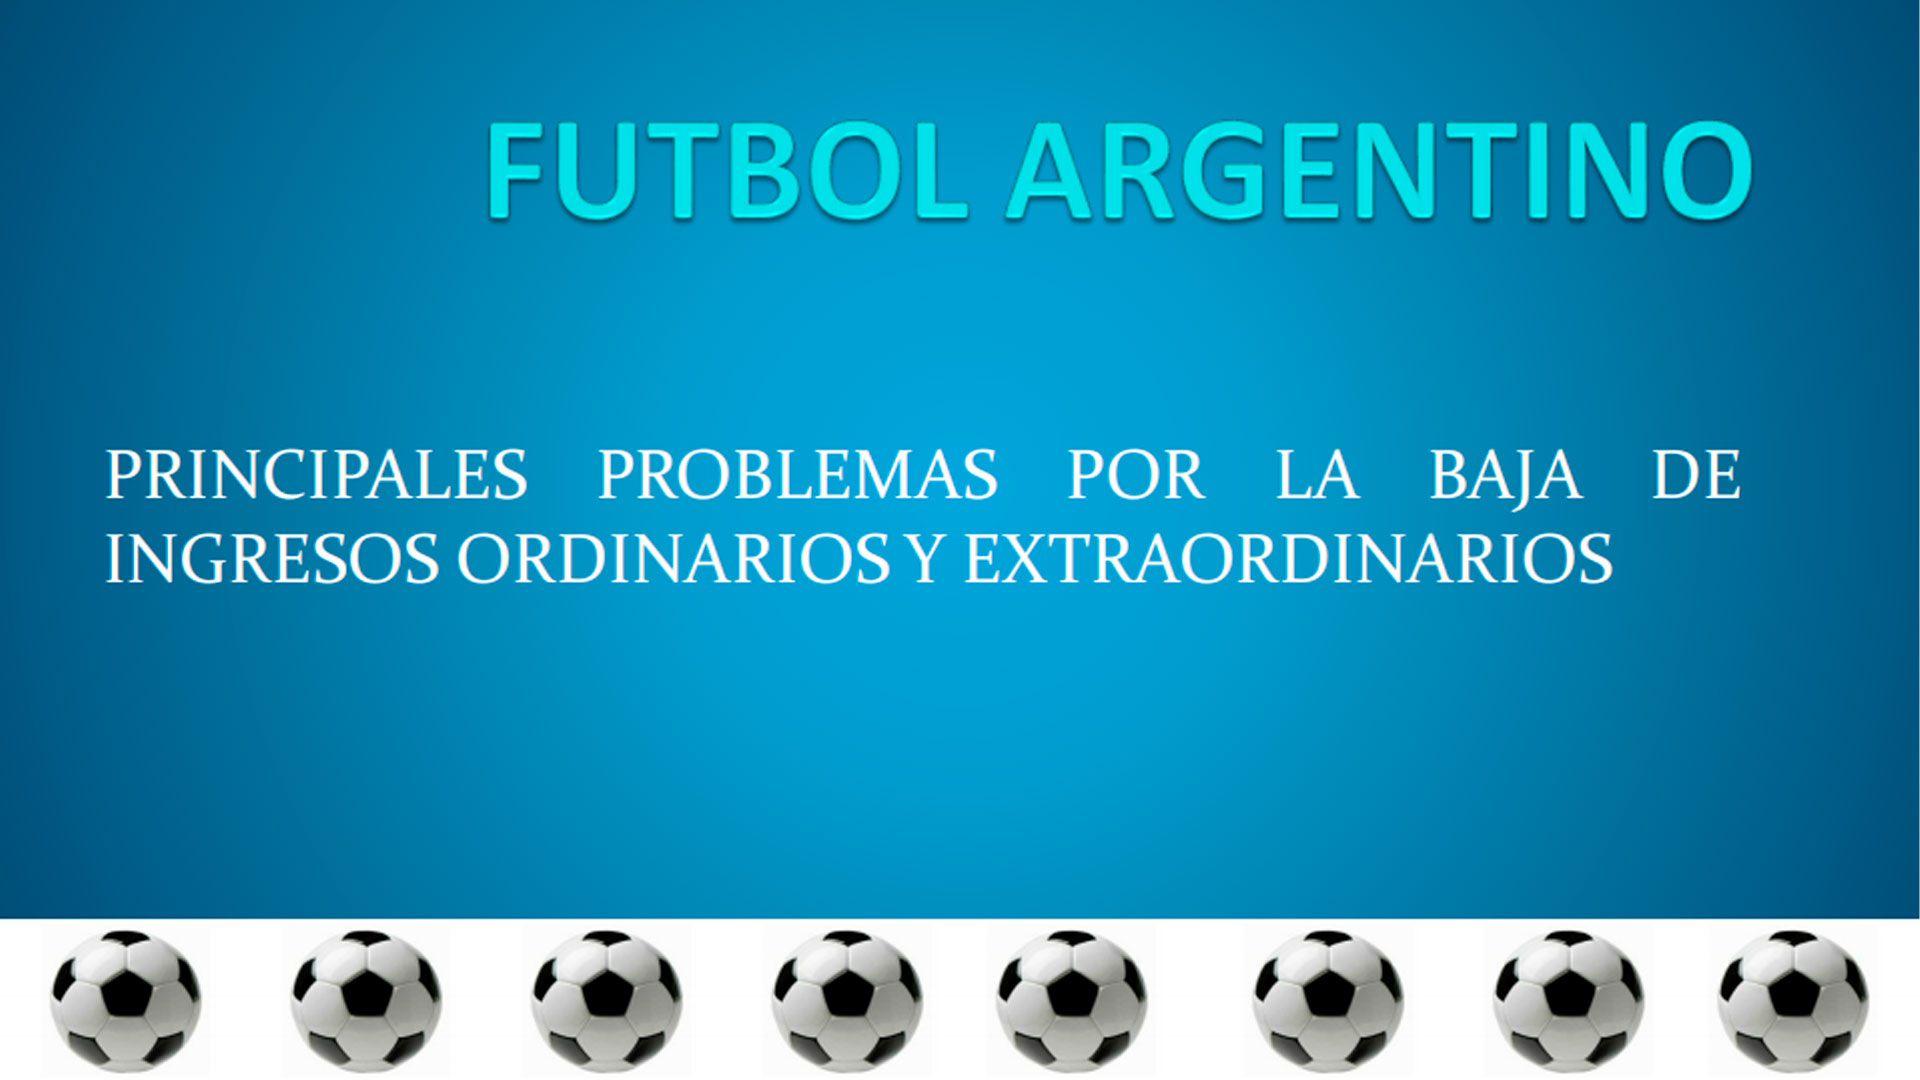 La portada del documento que circula entre los directivos del fútbol argentino